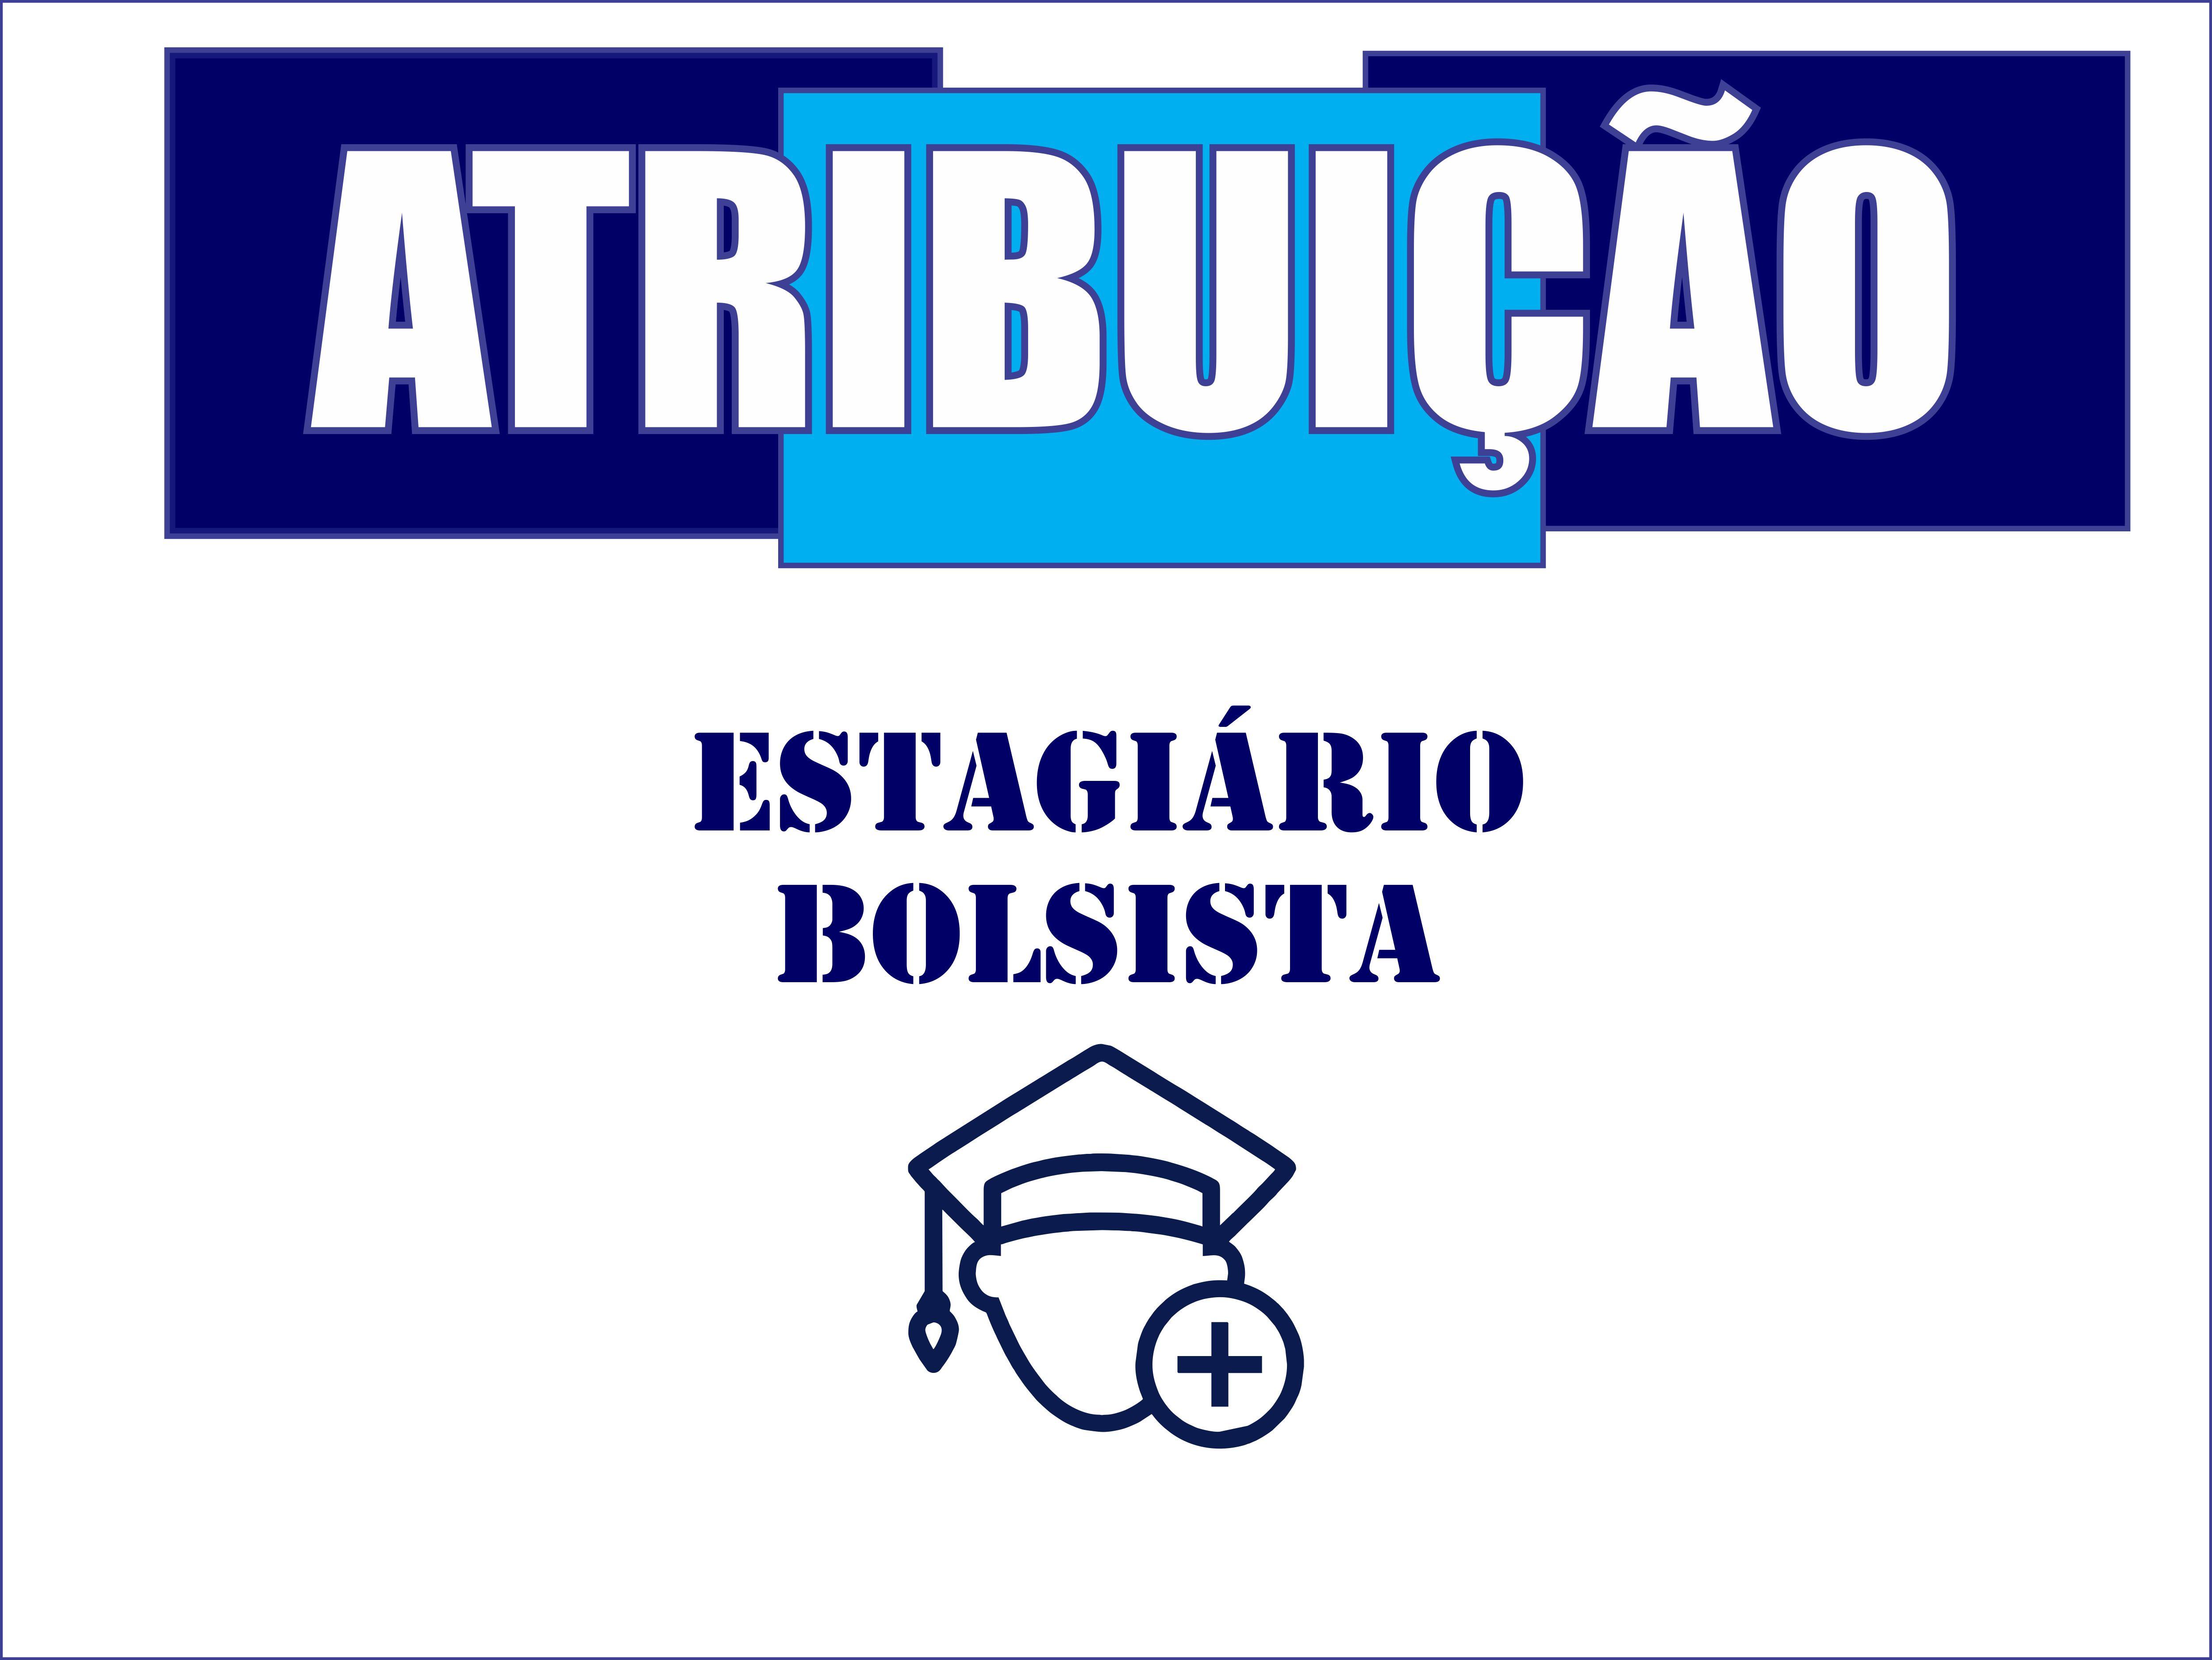 Convocação para a 3ª Sessão de Atribuição de Bolsista Estagiário da SME - SEXTA-FEIRA, 28/02/2020.